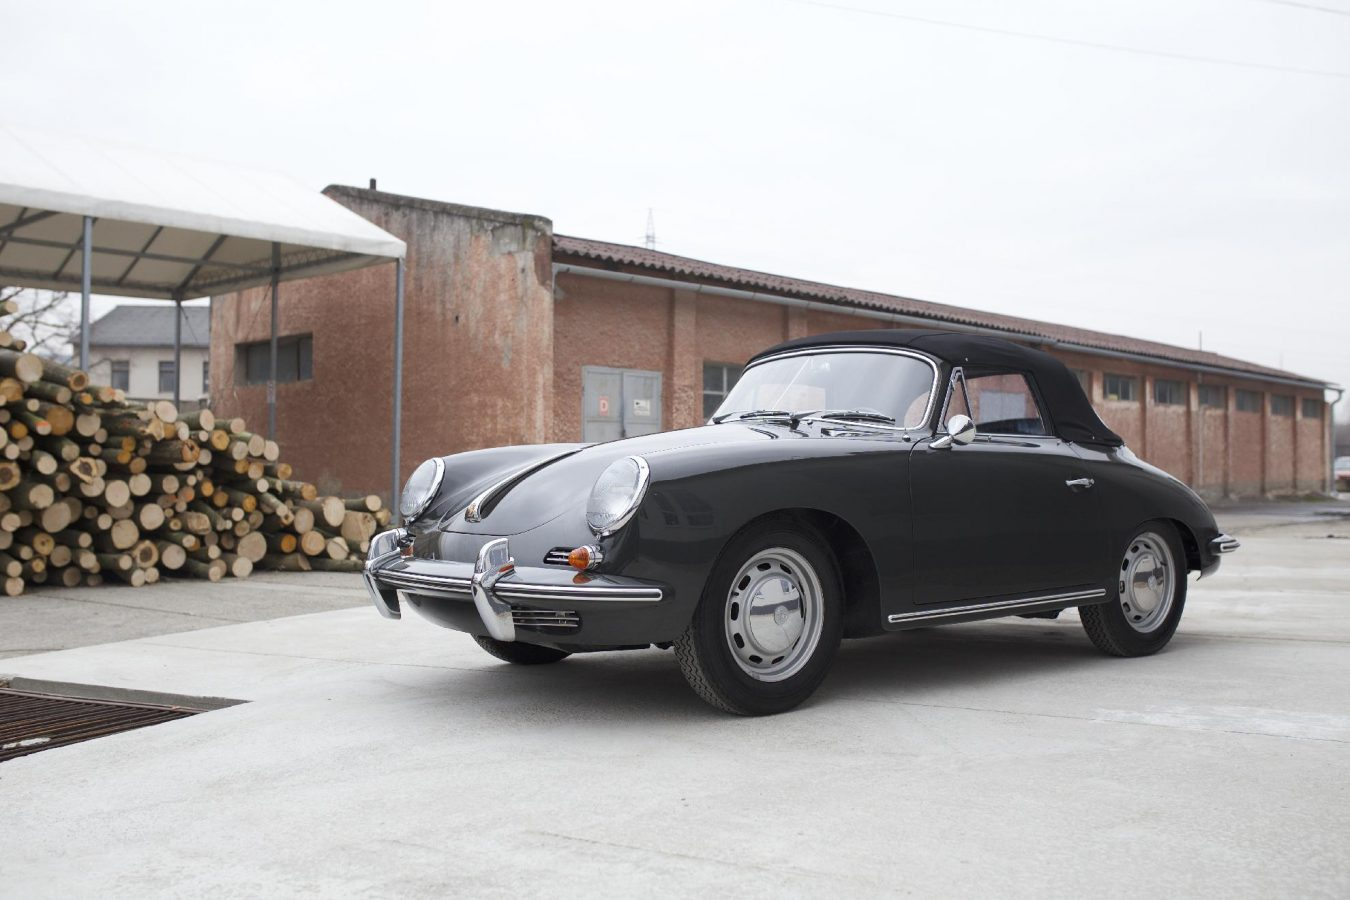 Grauer Porsche 356C Cabriolet